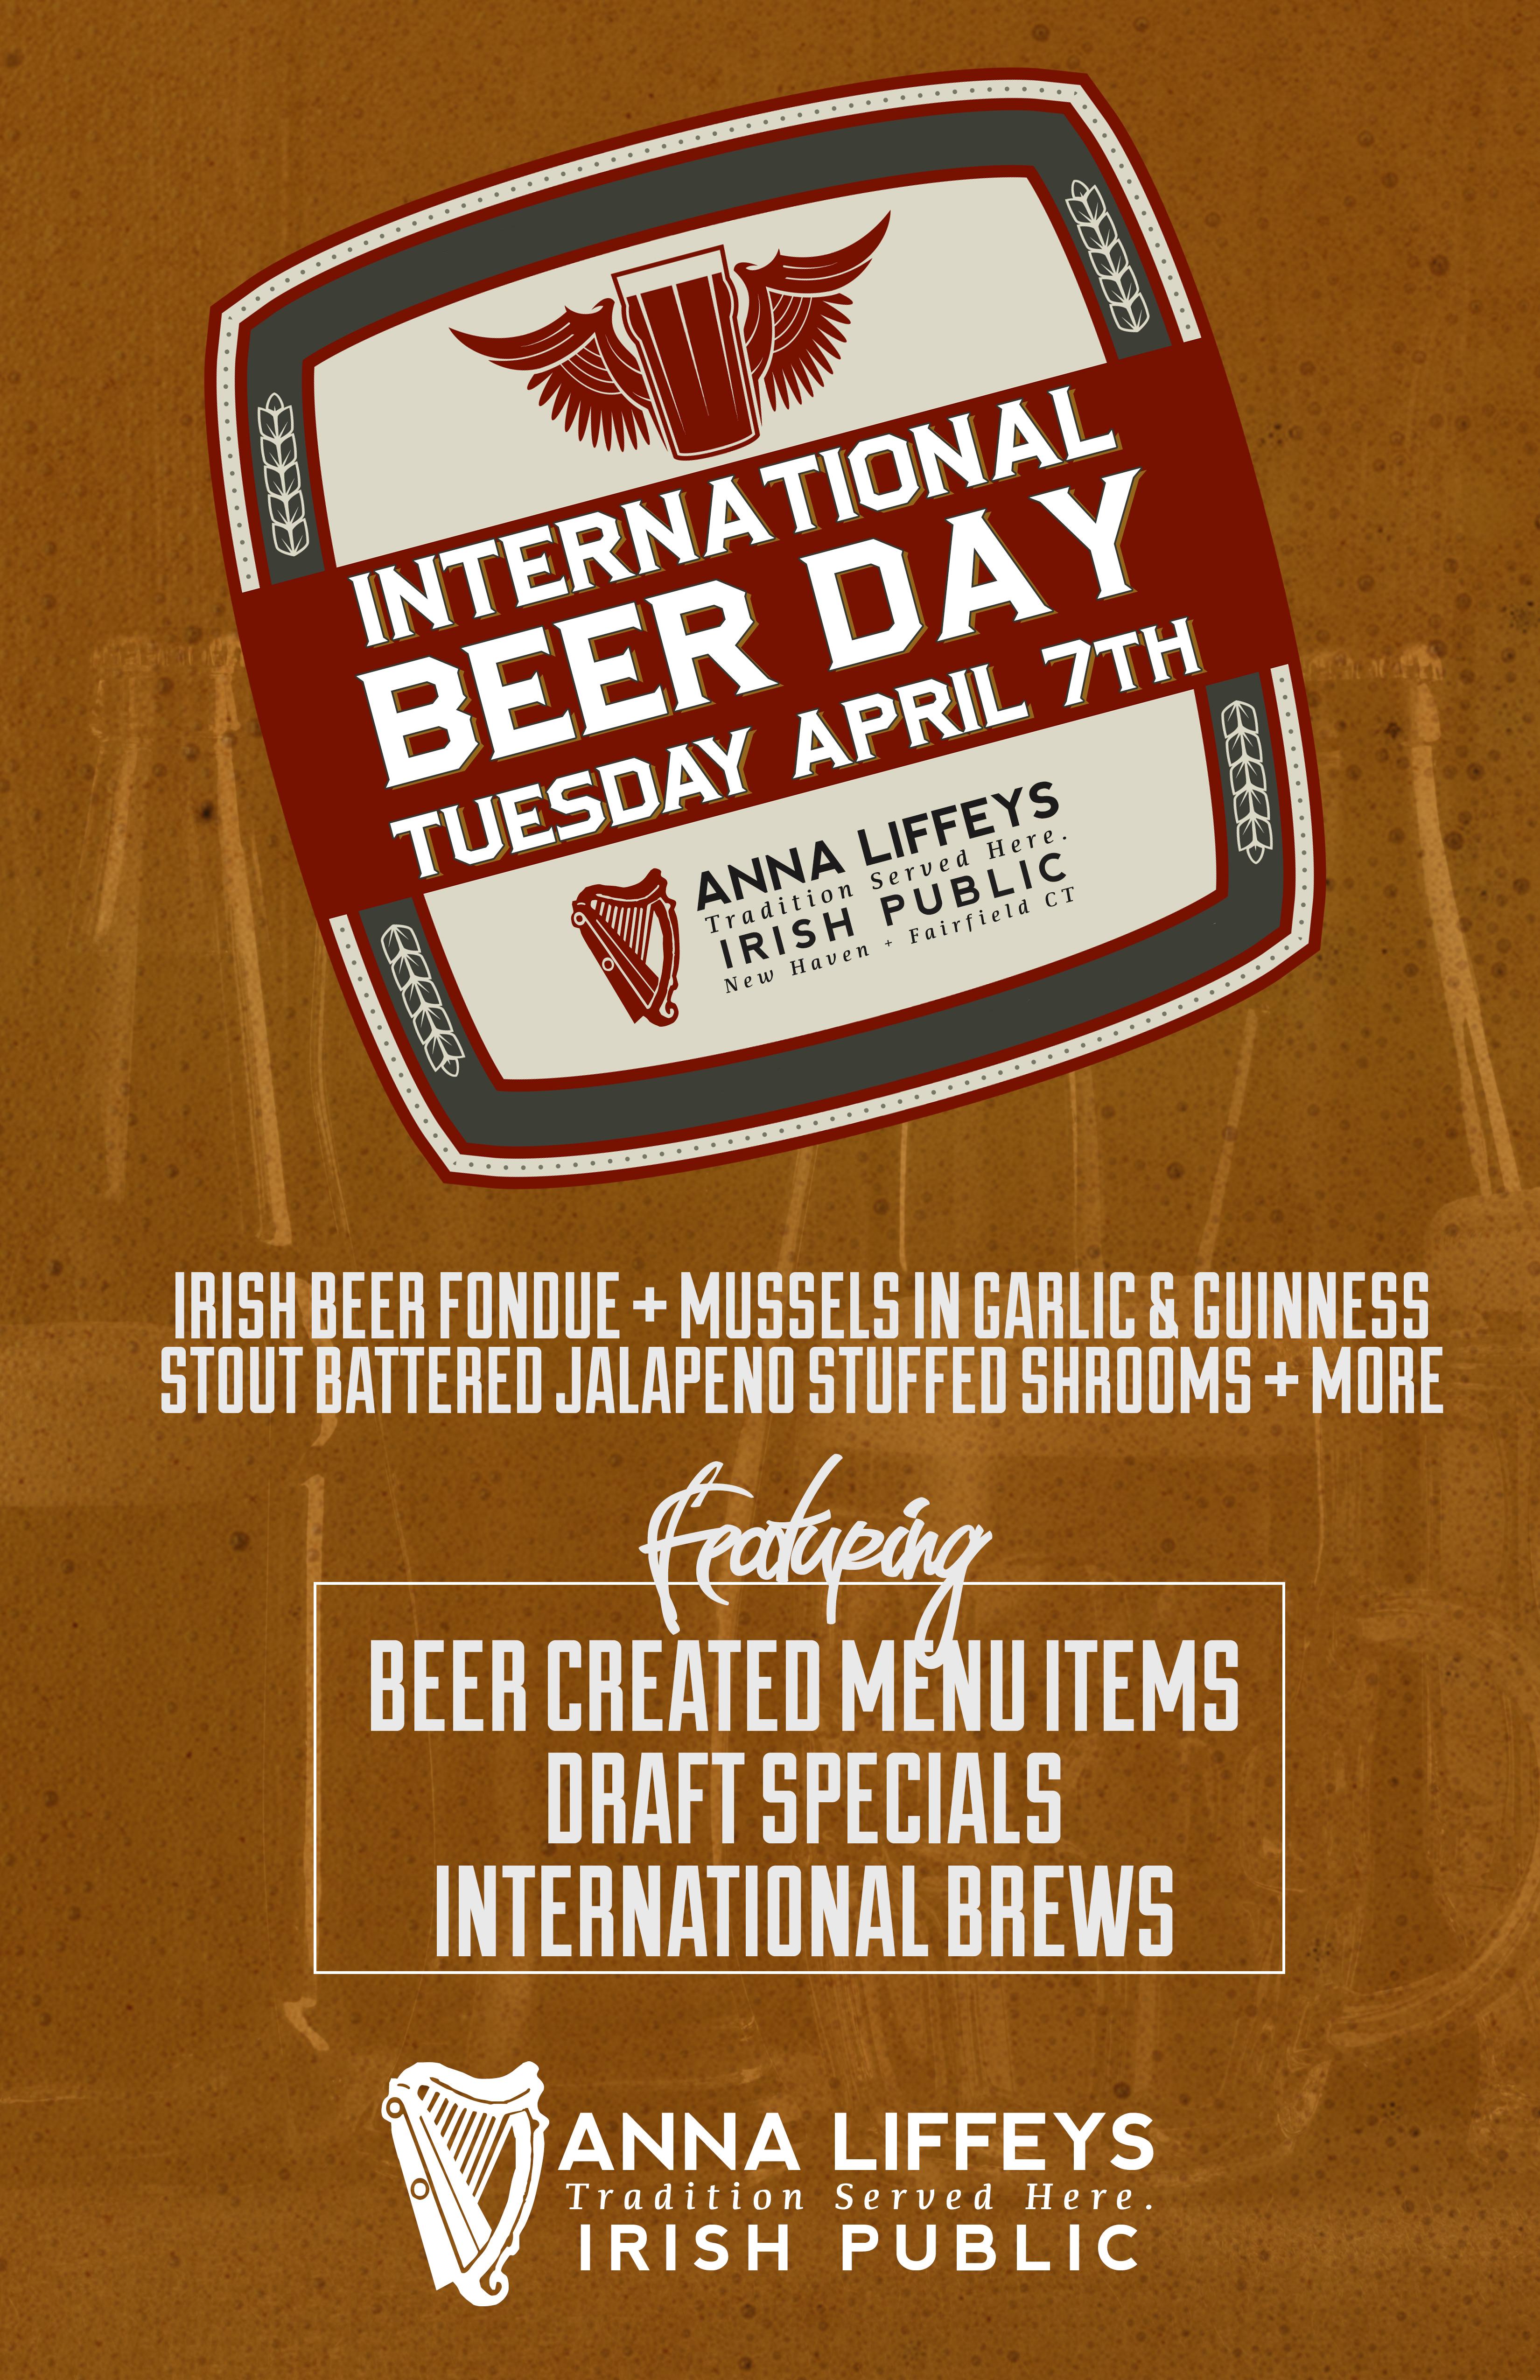 BeerDay